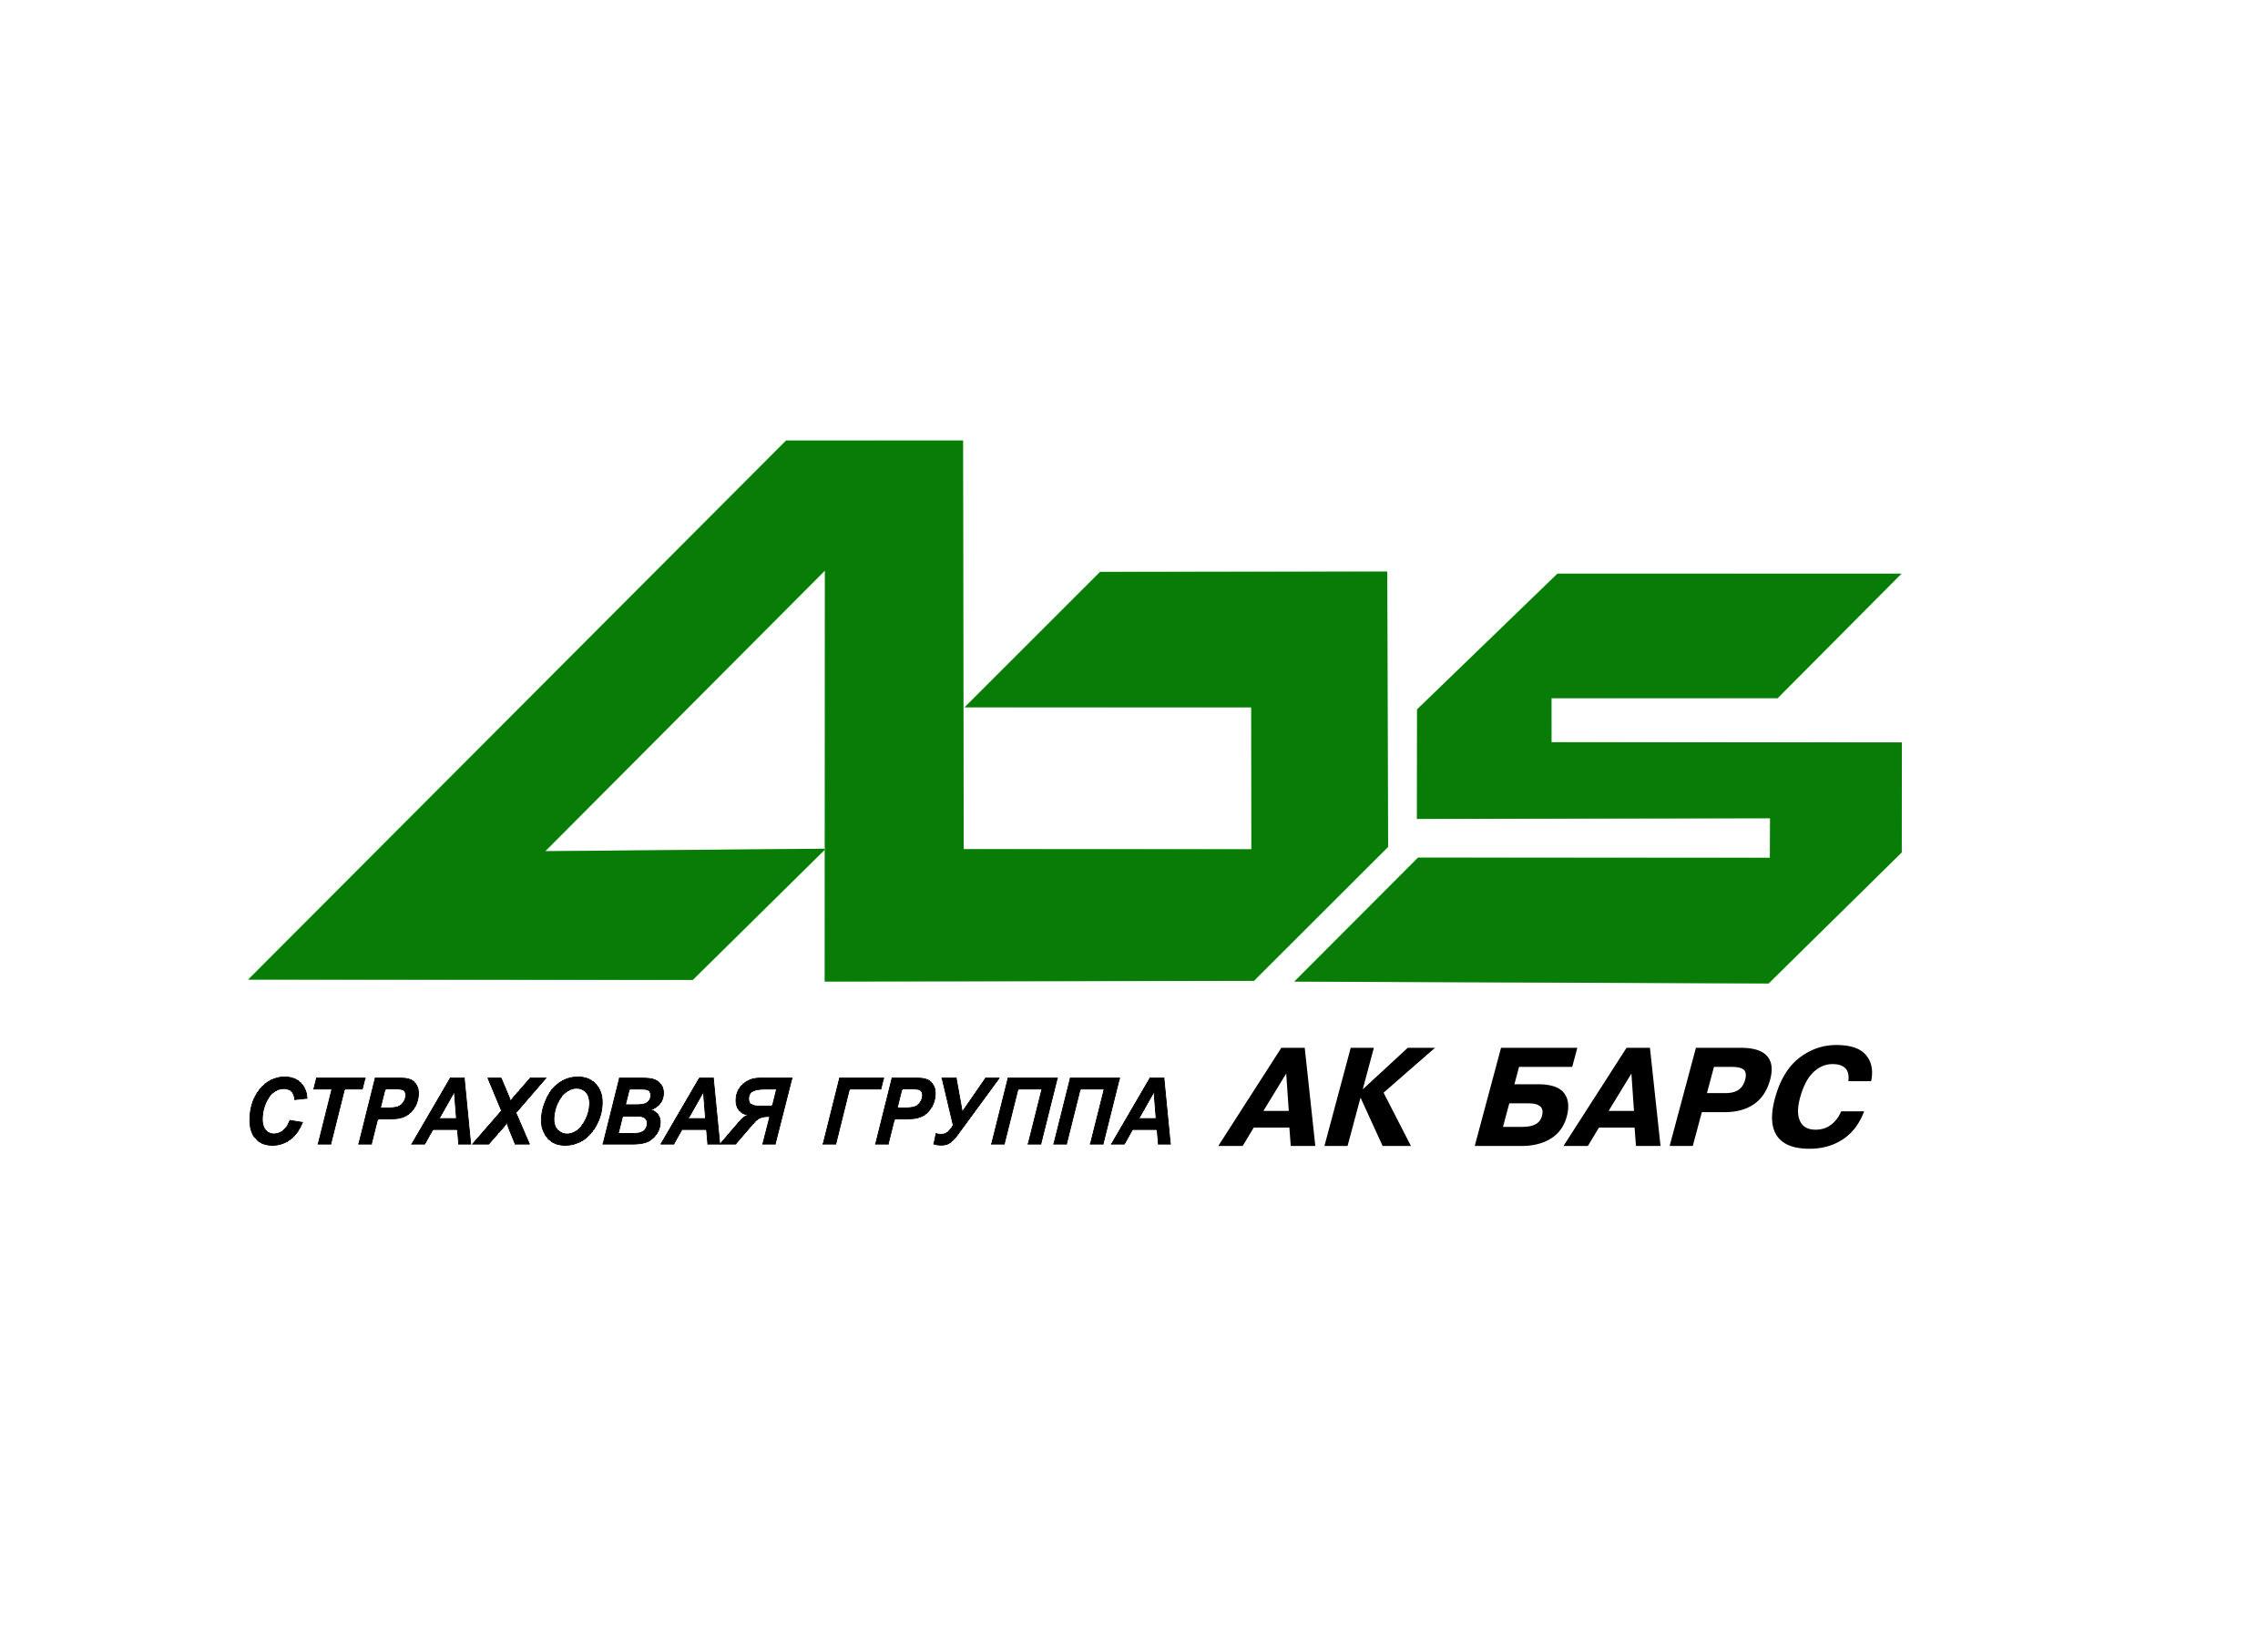 Страховая группа АК БАРС